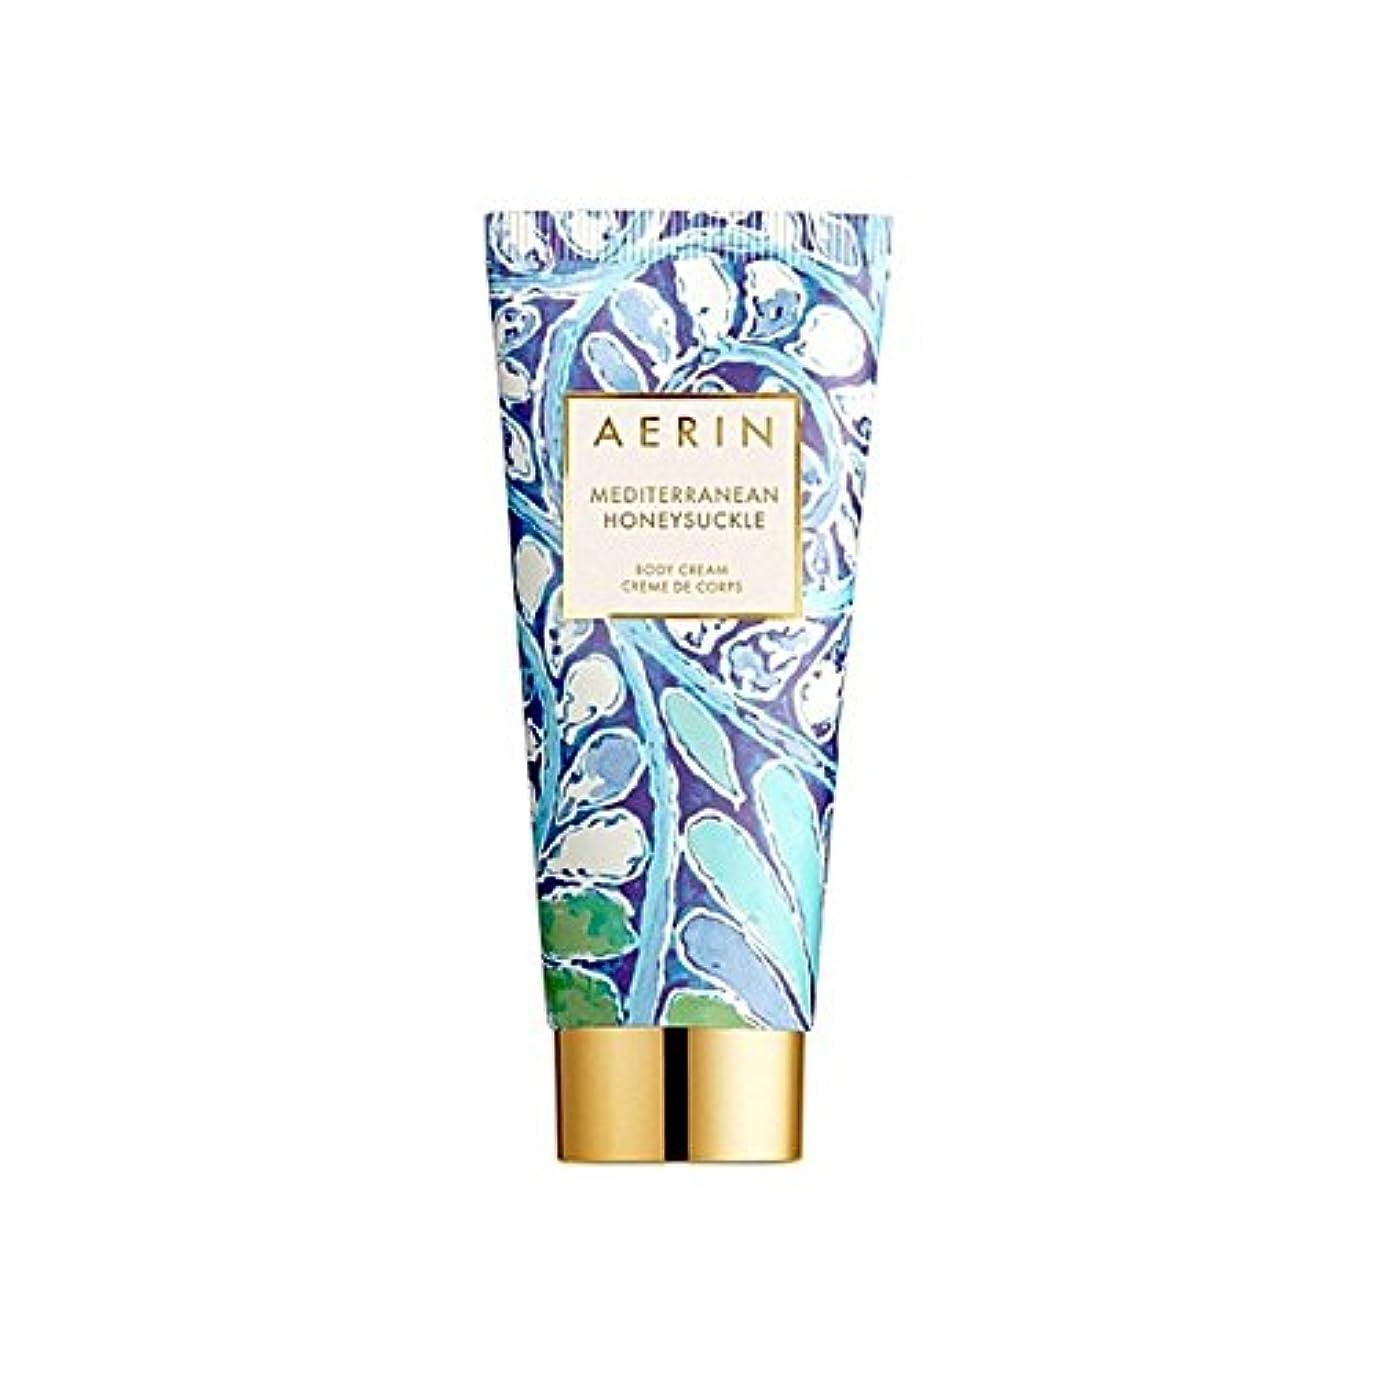 ホールドオール服くしゃみスイカズラボディクリーム150ミリリットル x2 - Aerin Mediterrenean Honeysuckle Body Cream 150ml (Pack of 2) [並行輸入品]